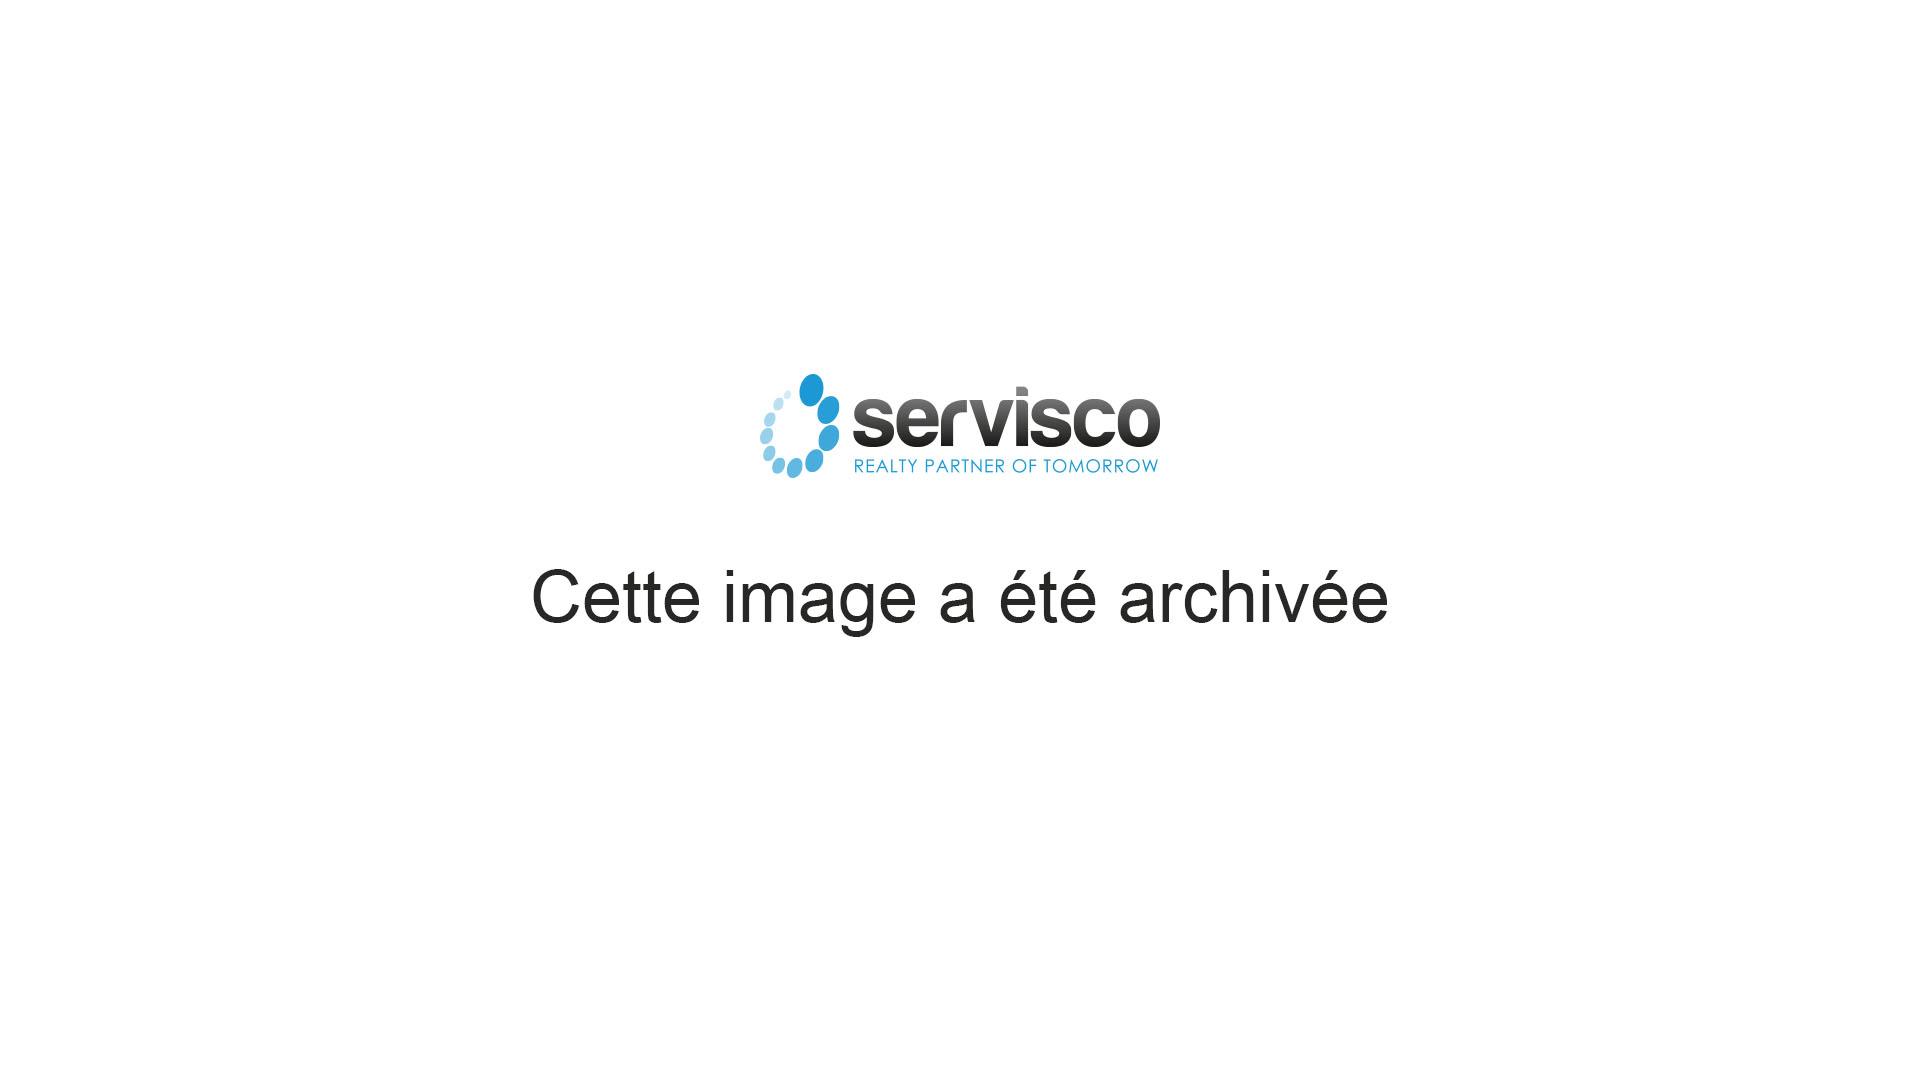 visite virtuelle servisco 3D immobilier